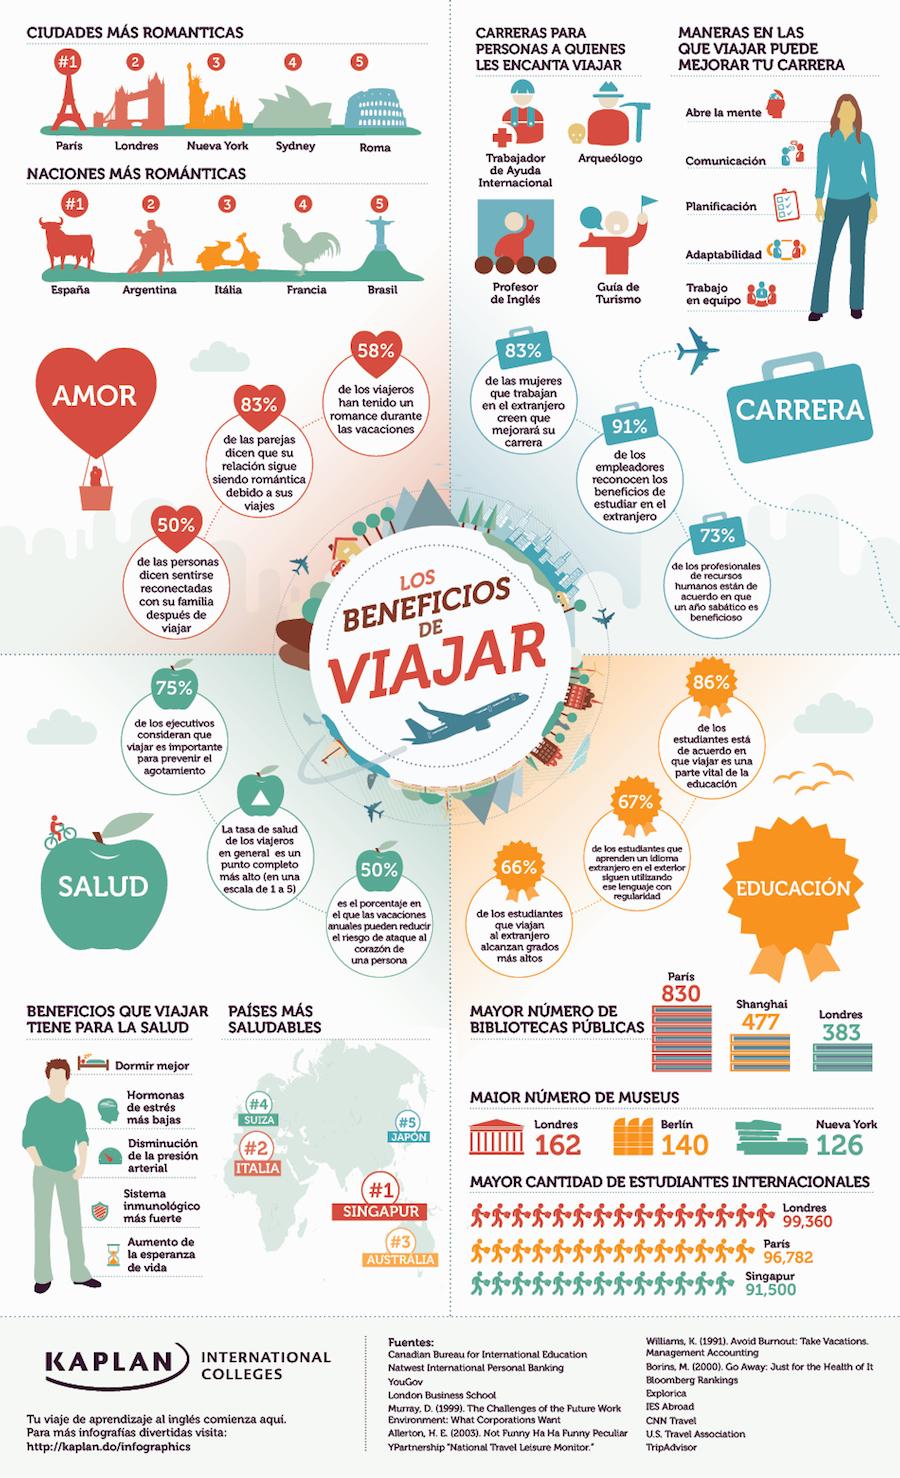 Los beneficios de viajar:Salud, amor, trabajo, y educación